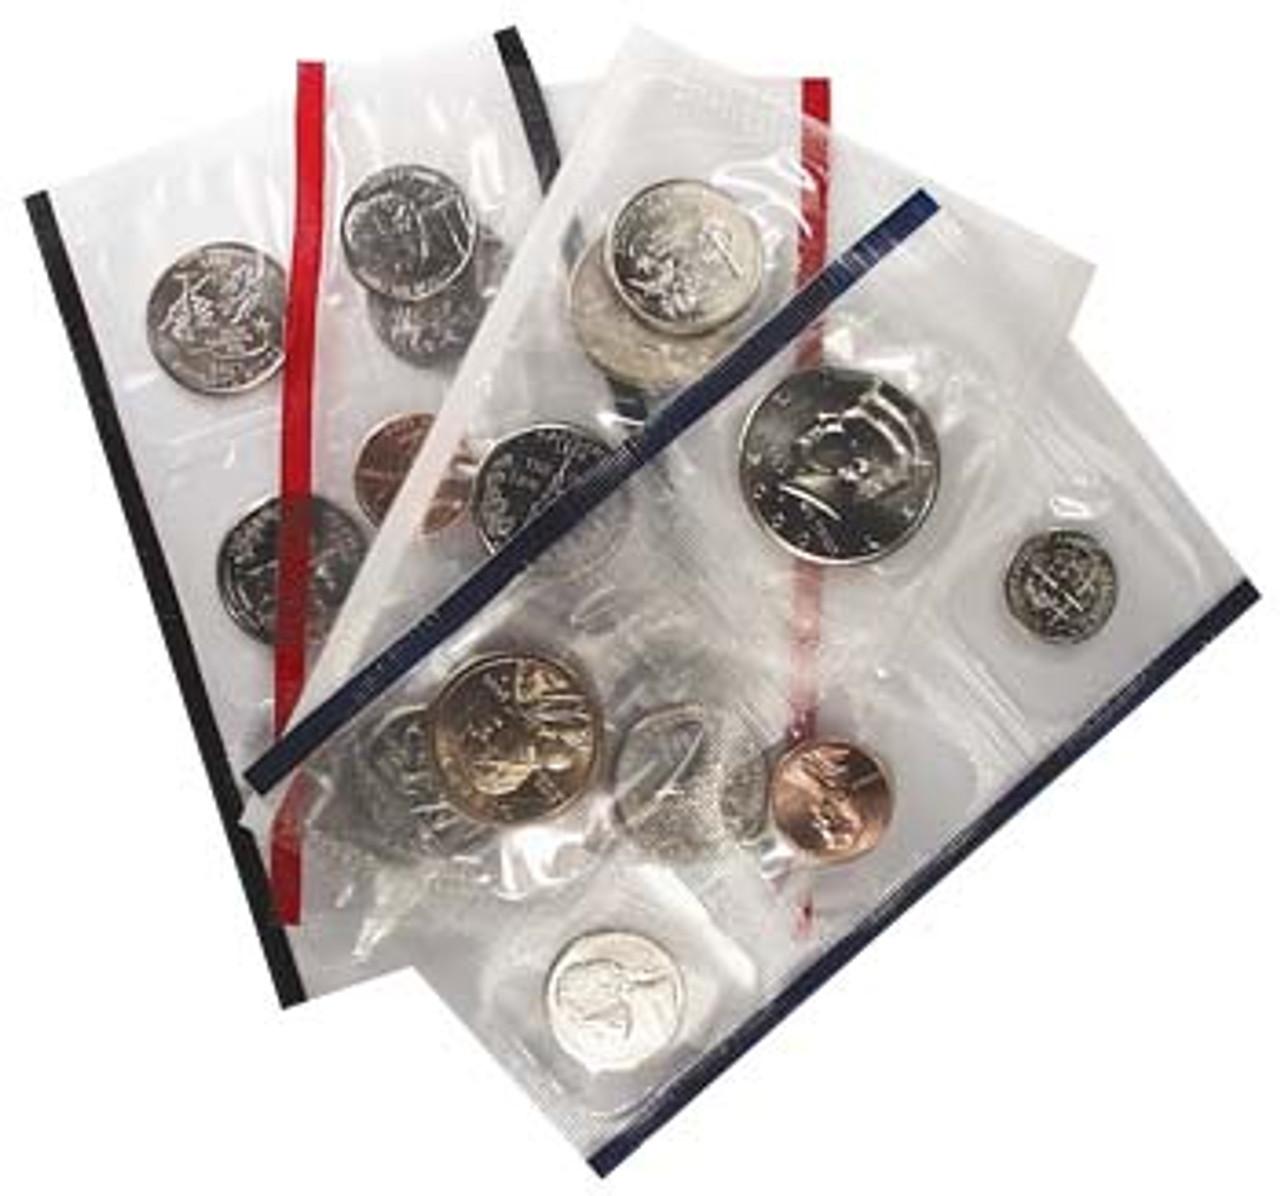 2000 Mint Set 20 Coins Image 1